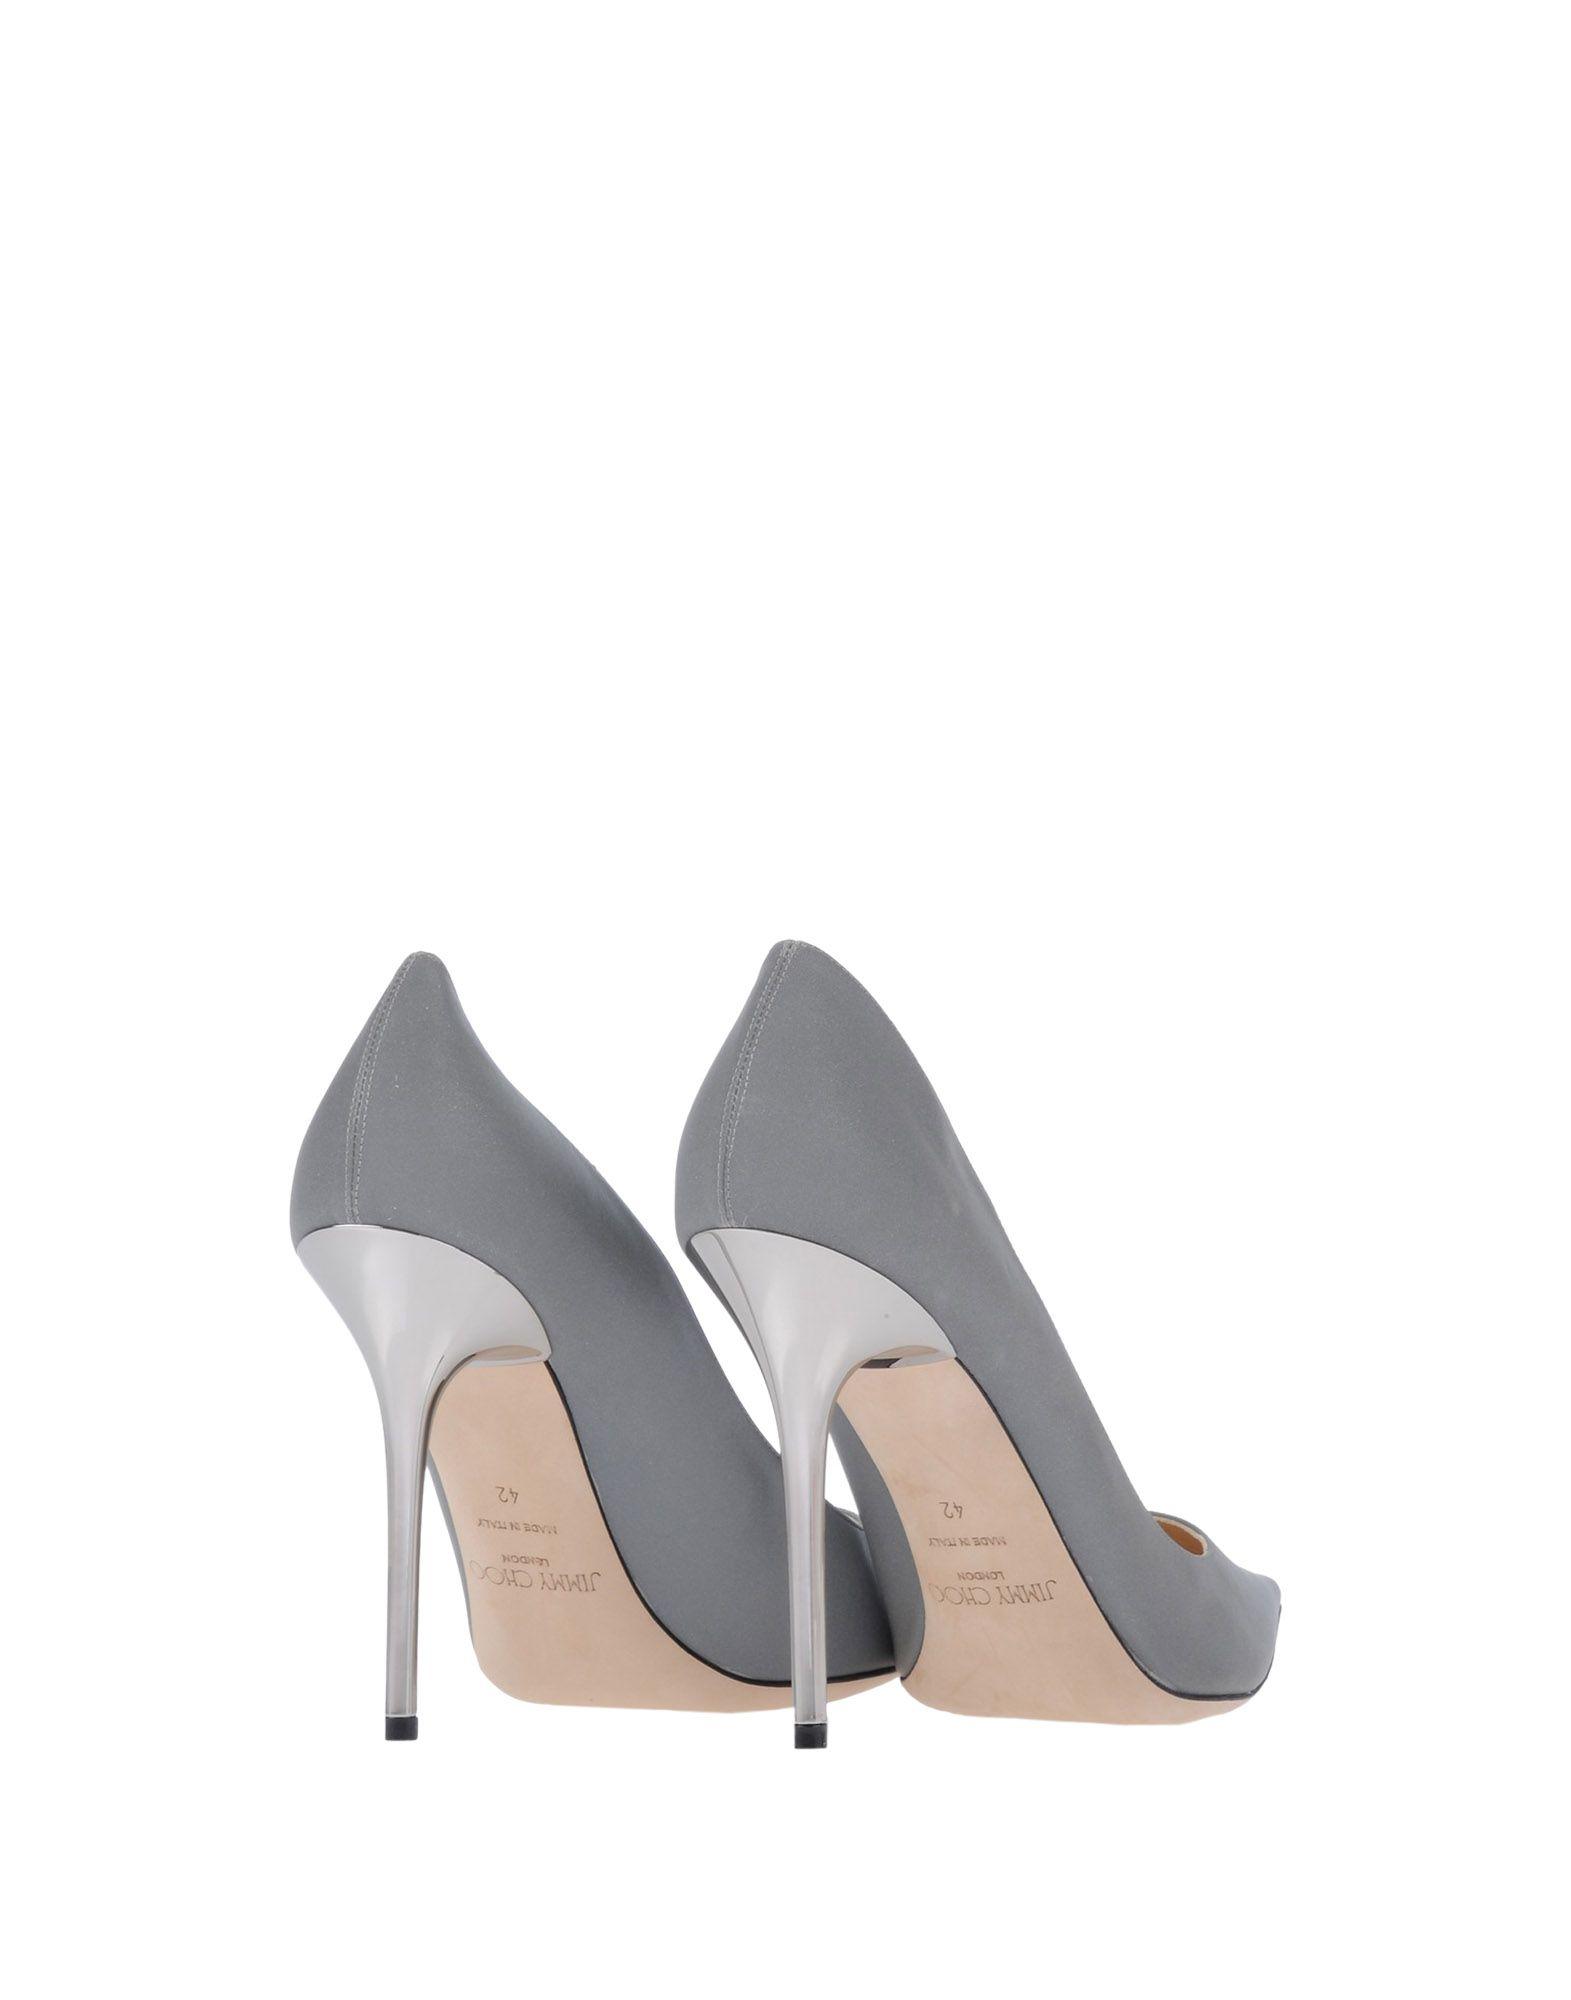 Rabatt Schuhe  Jimmy Choo Pumps Damen  Schuhe 11475442VL 9175c0